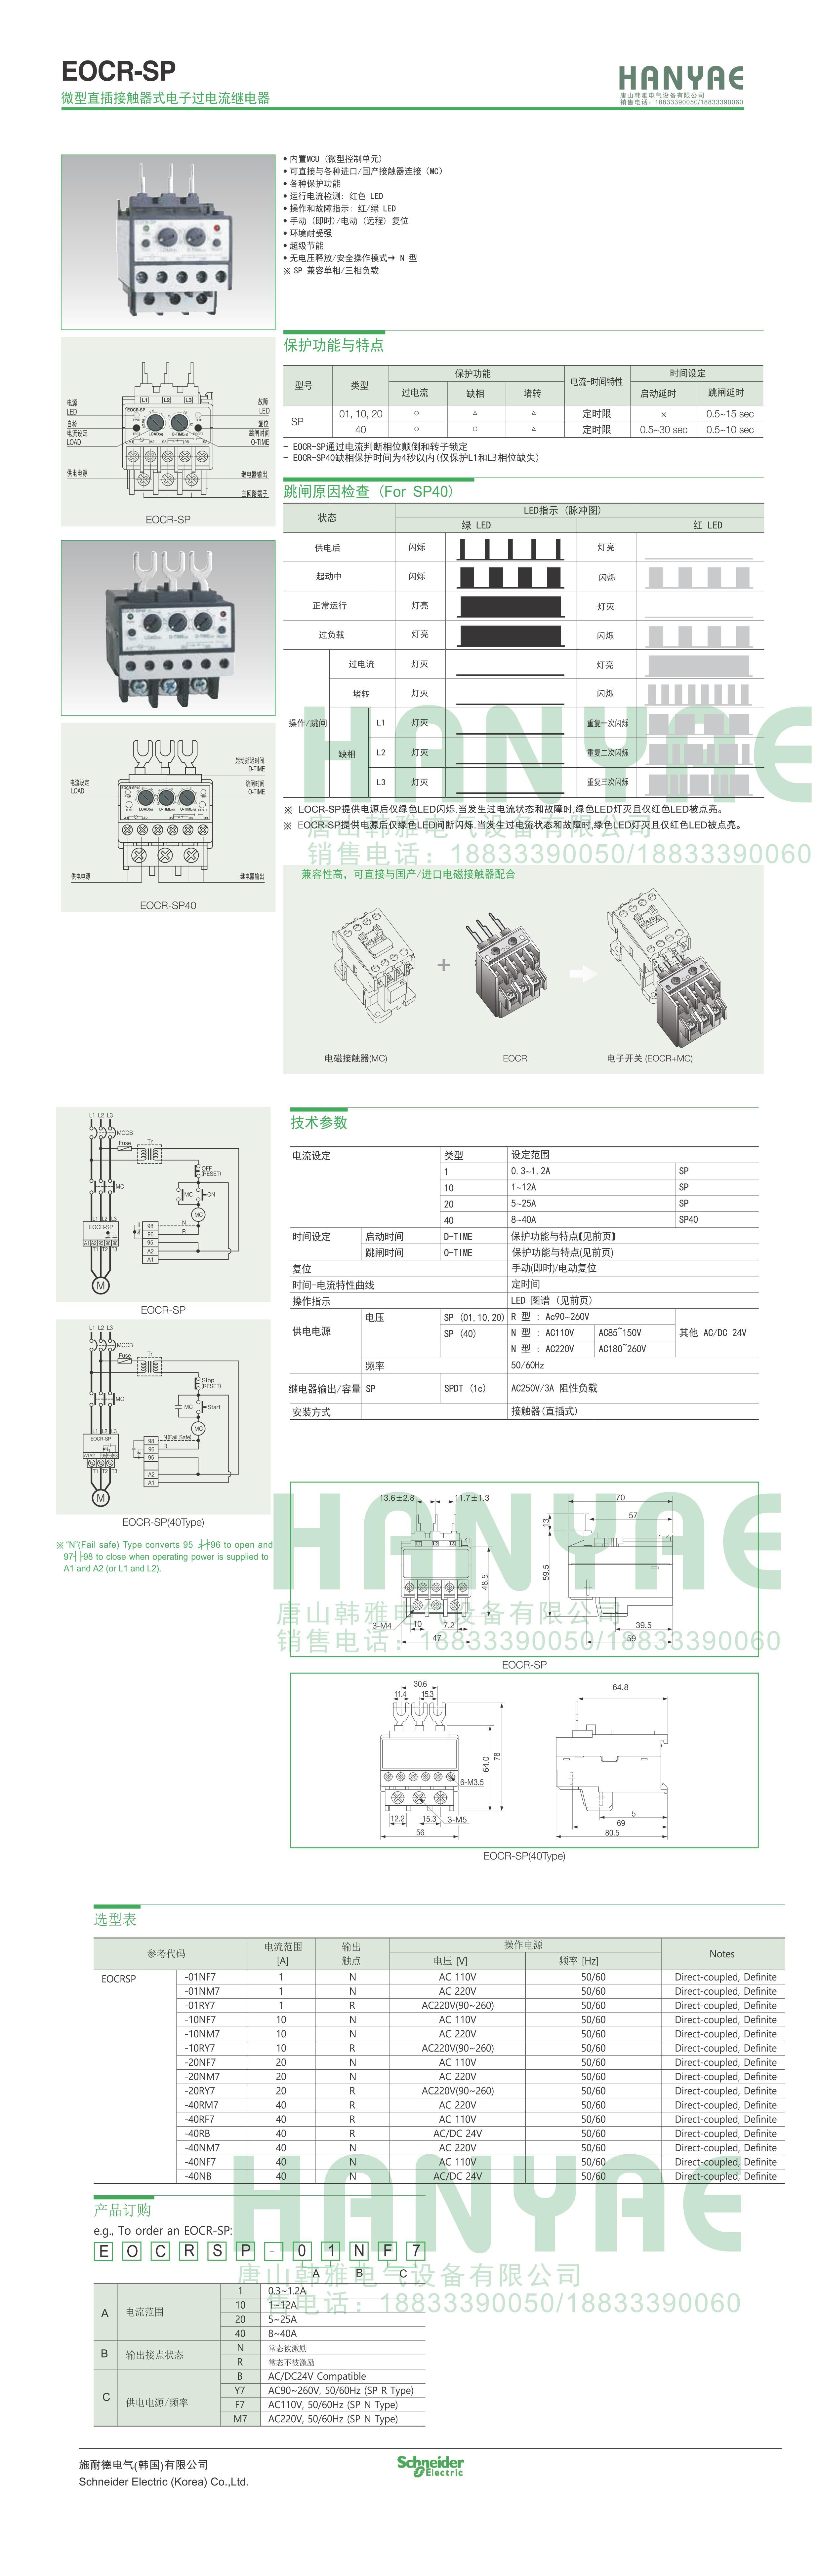 施耐德EOCR(原韩国三和)-经济型马达保护器EOCRSP-10NY7 施耐德EOCR,电子式继电器,马达保护器,电动机保护器,韩国三和SAMWHA